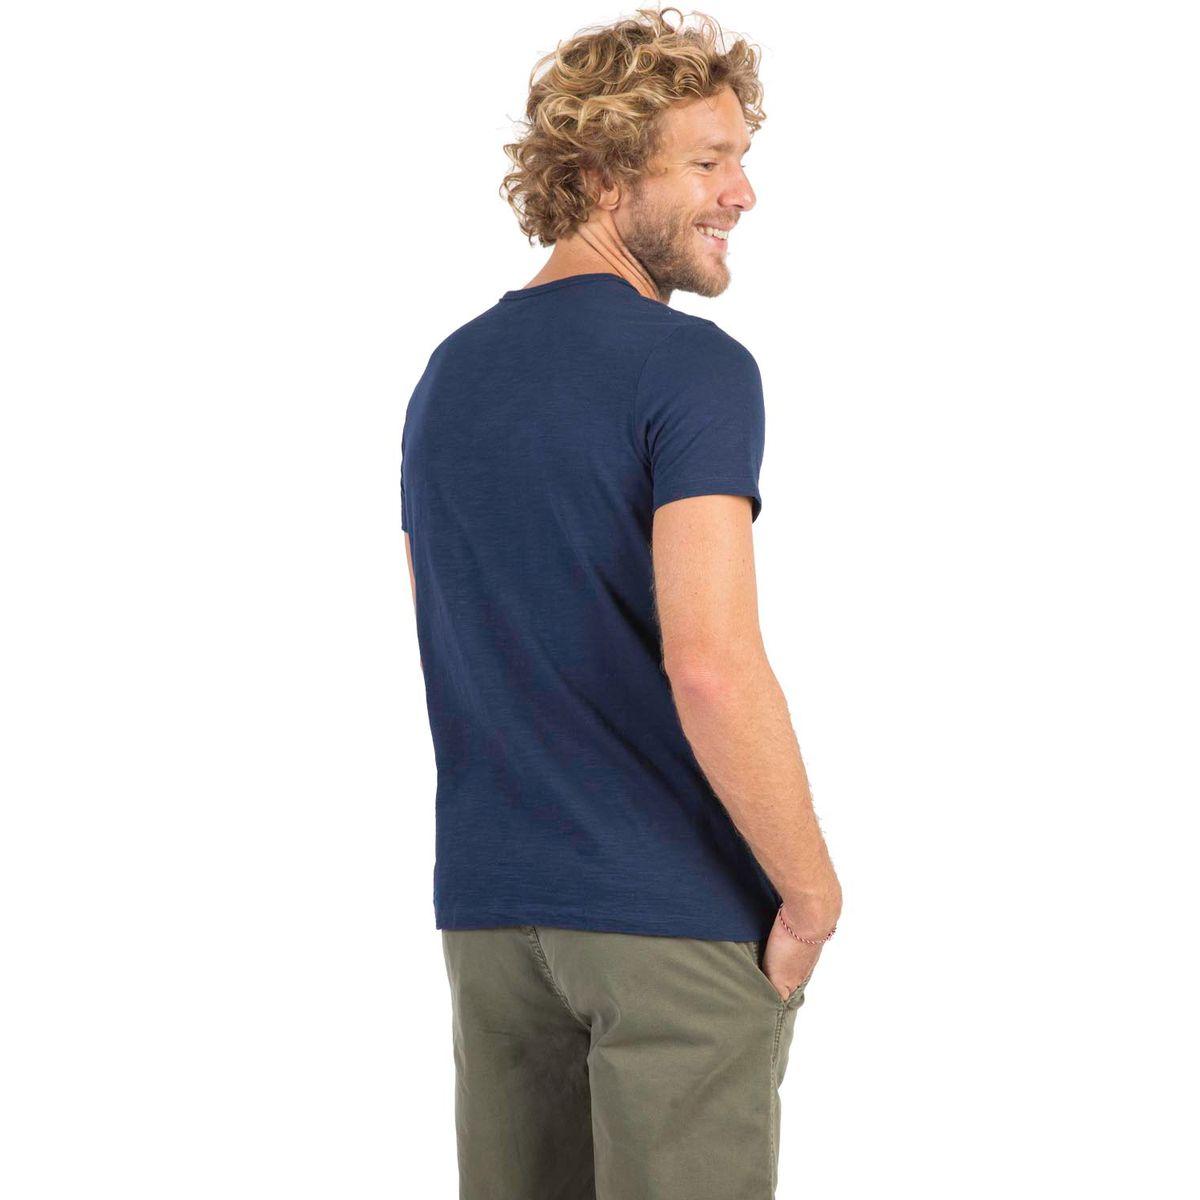 T-Shirt Gola Portuguesa Fit Flamê Azul Marinho - Taco 1e731c13e57